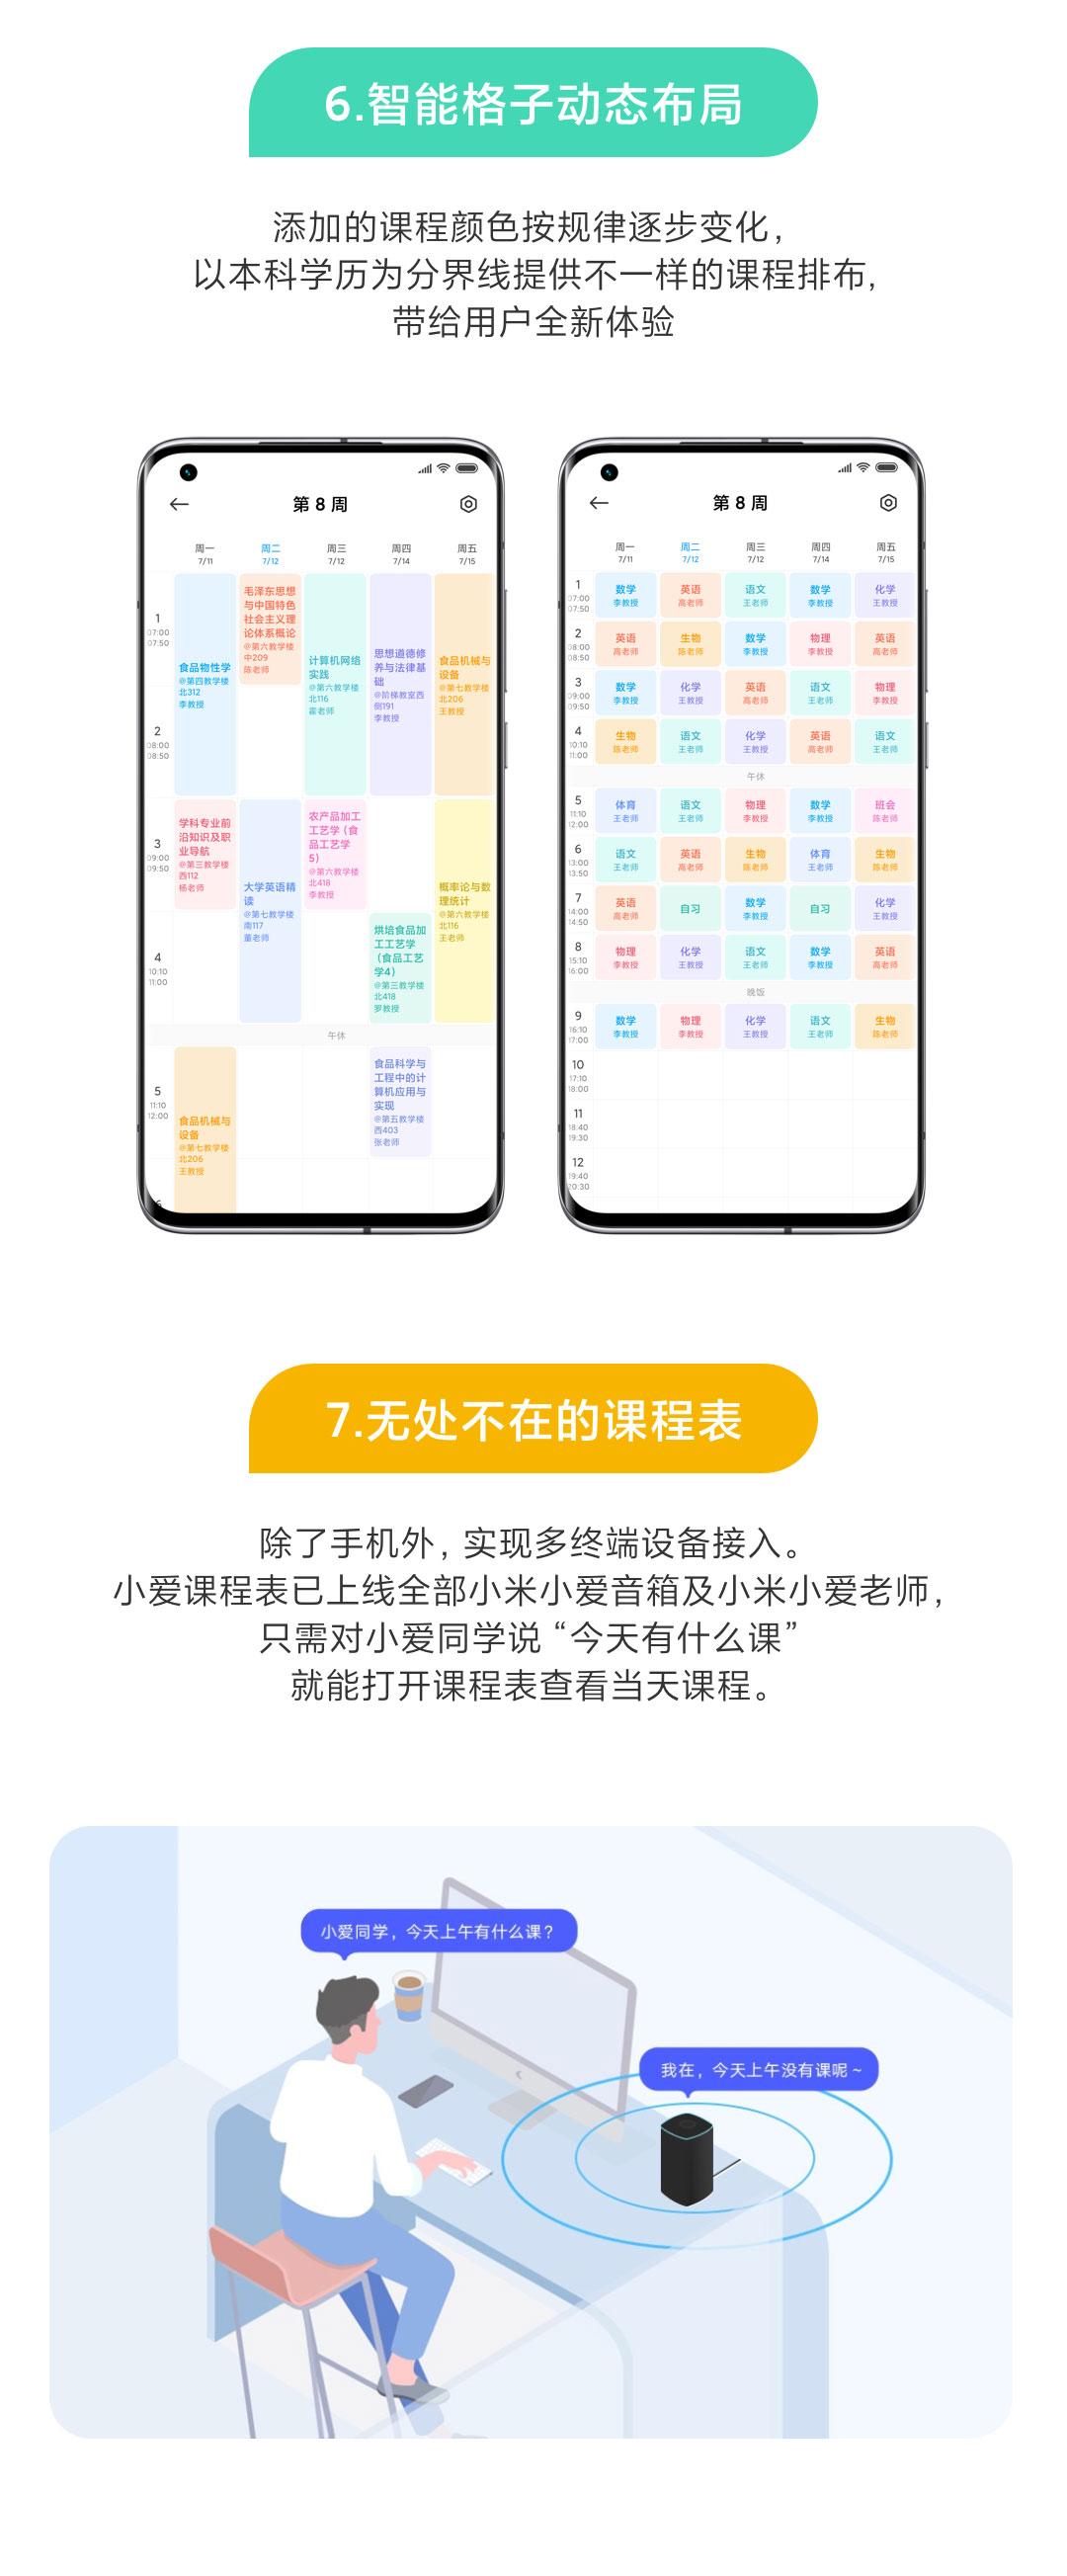 图片[4]-小爱课程表 3.0 发布:所有手机都能用,覆盖 1038 所学校-兀云资源网